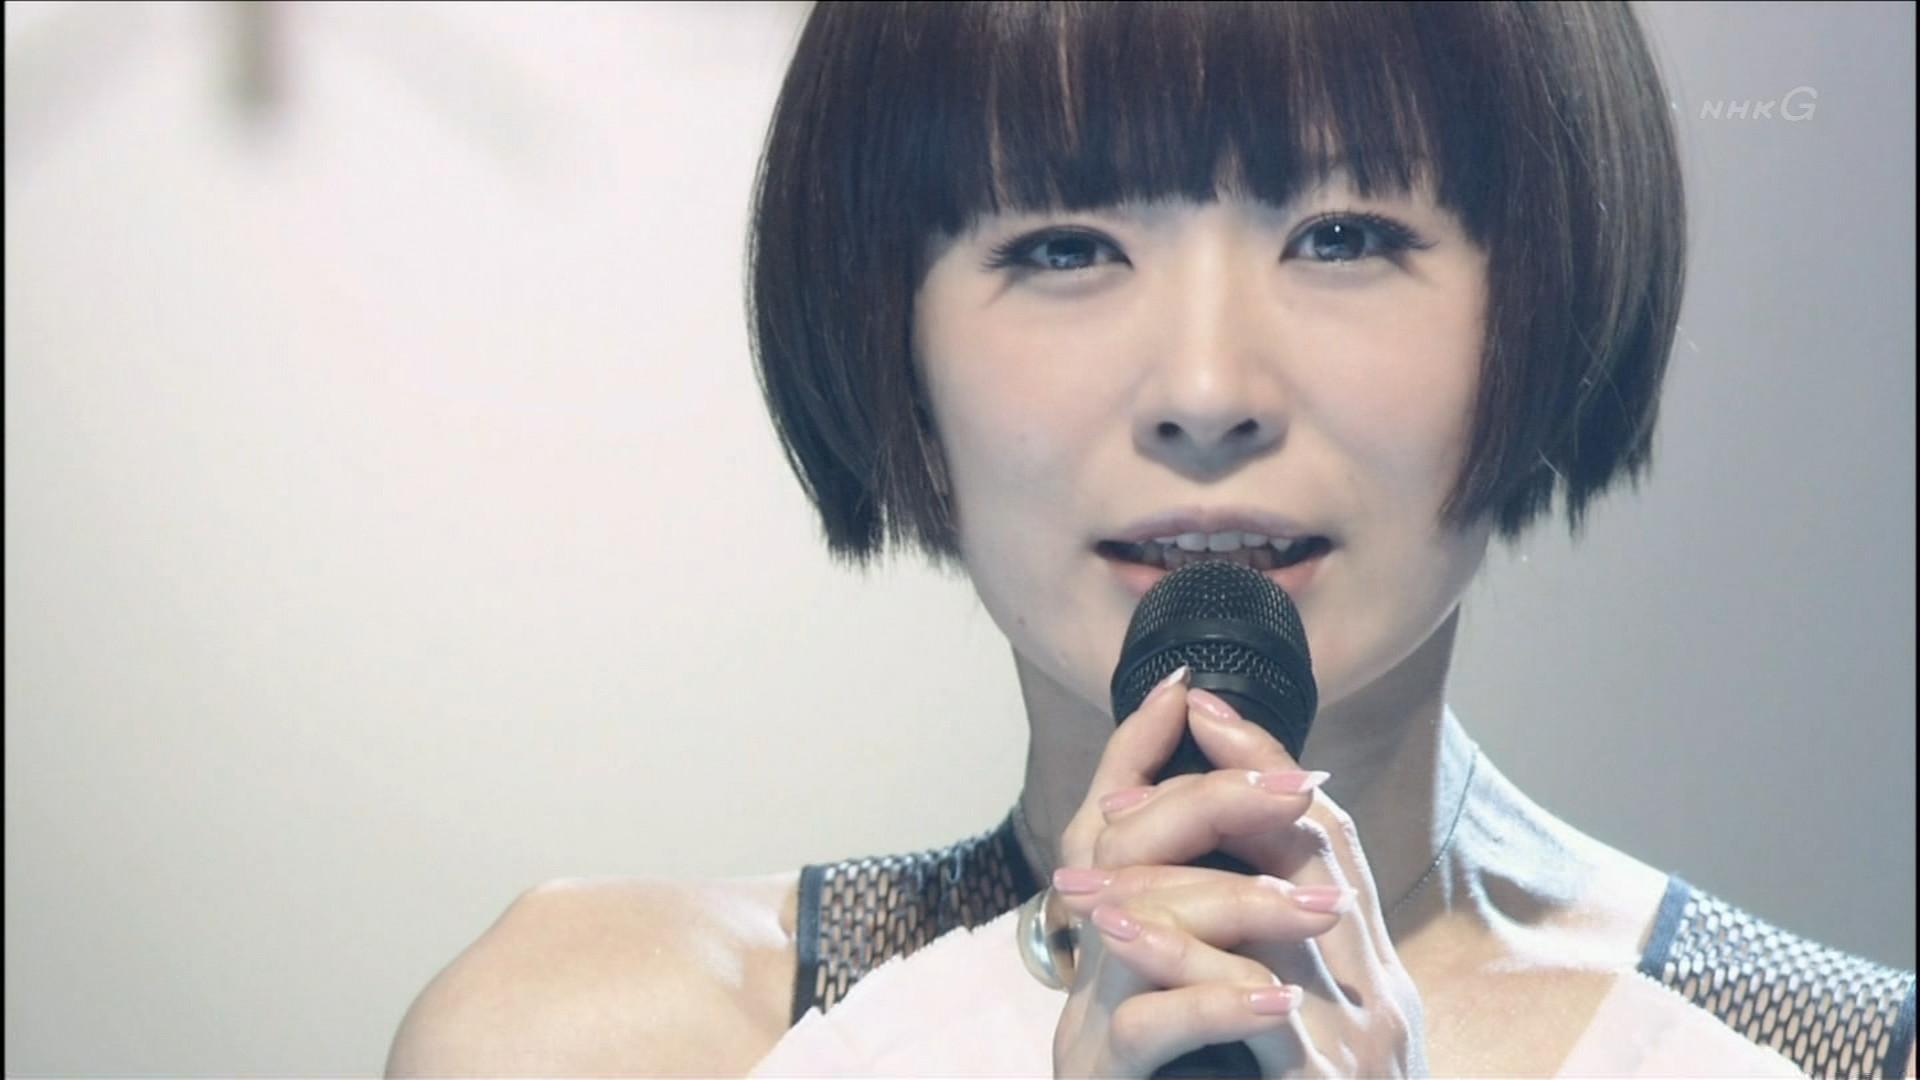 【名曲】絶対に聞いておきたい椎名林檎の個人的おすすめ曲!【必聴】のサムネイル画像